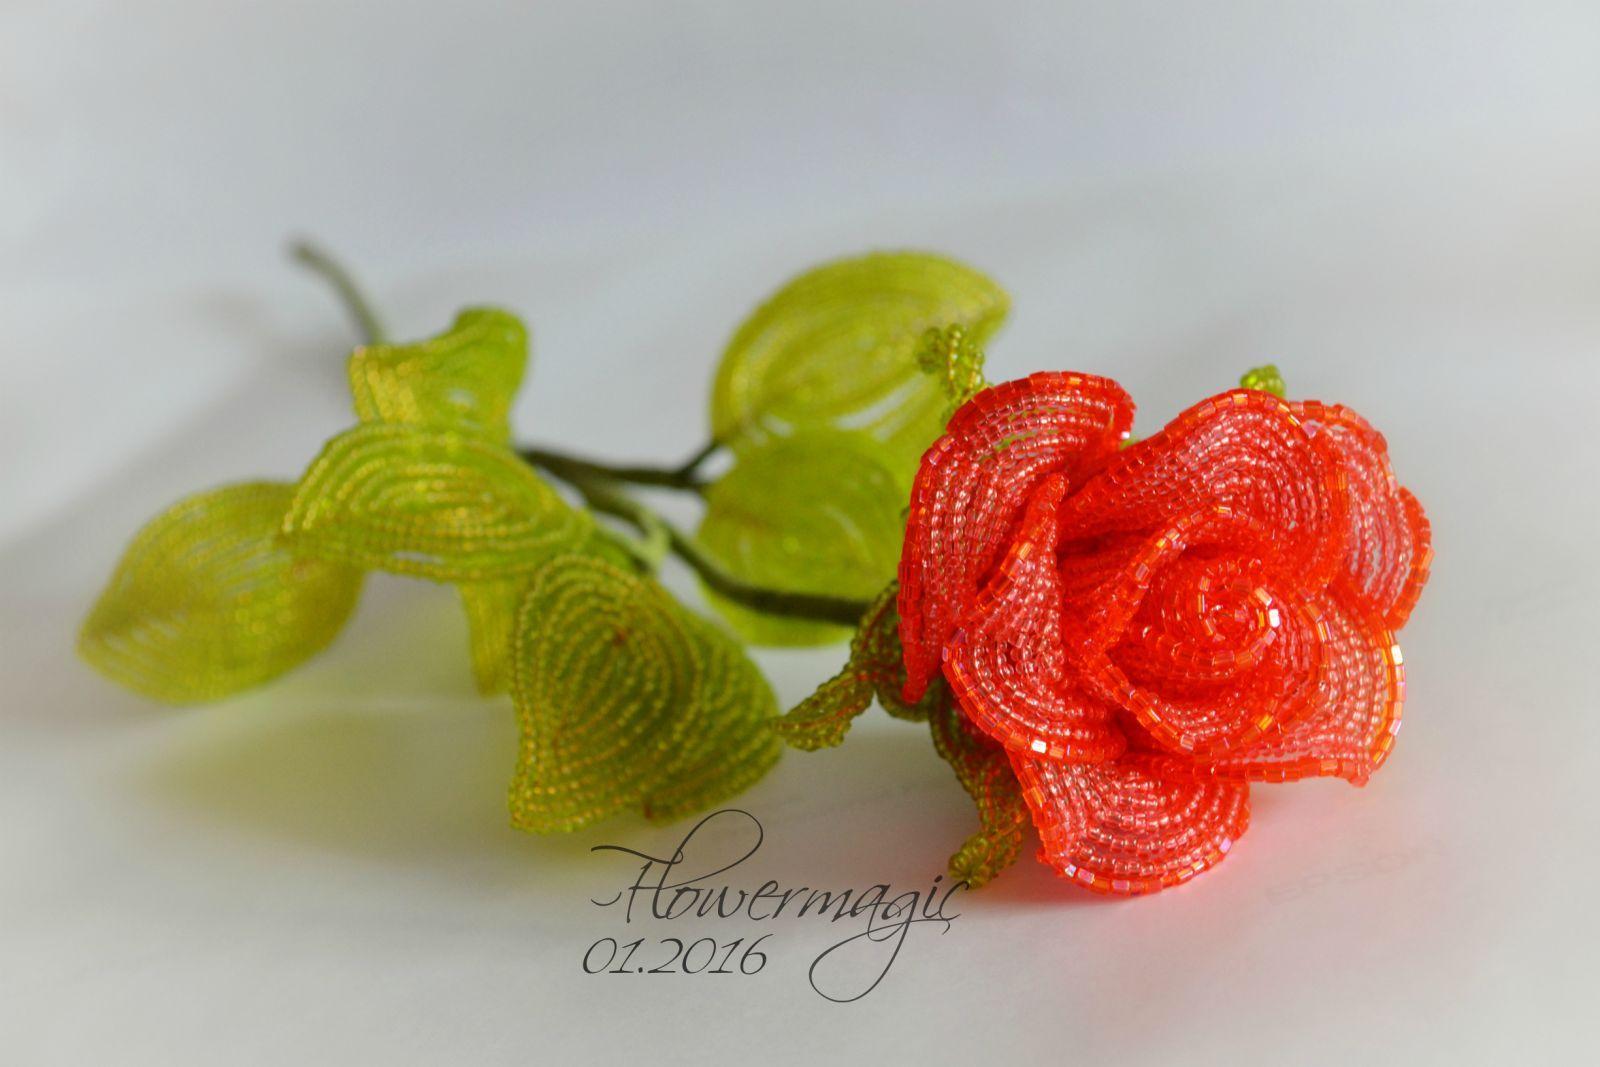 Коралловая роза | biser.info - всё о бисере и бисерном творчестве